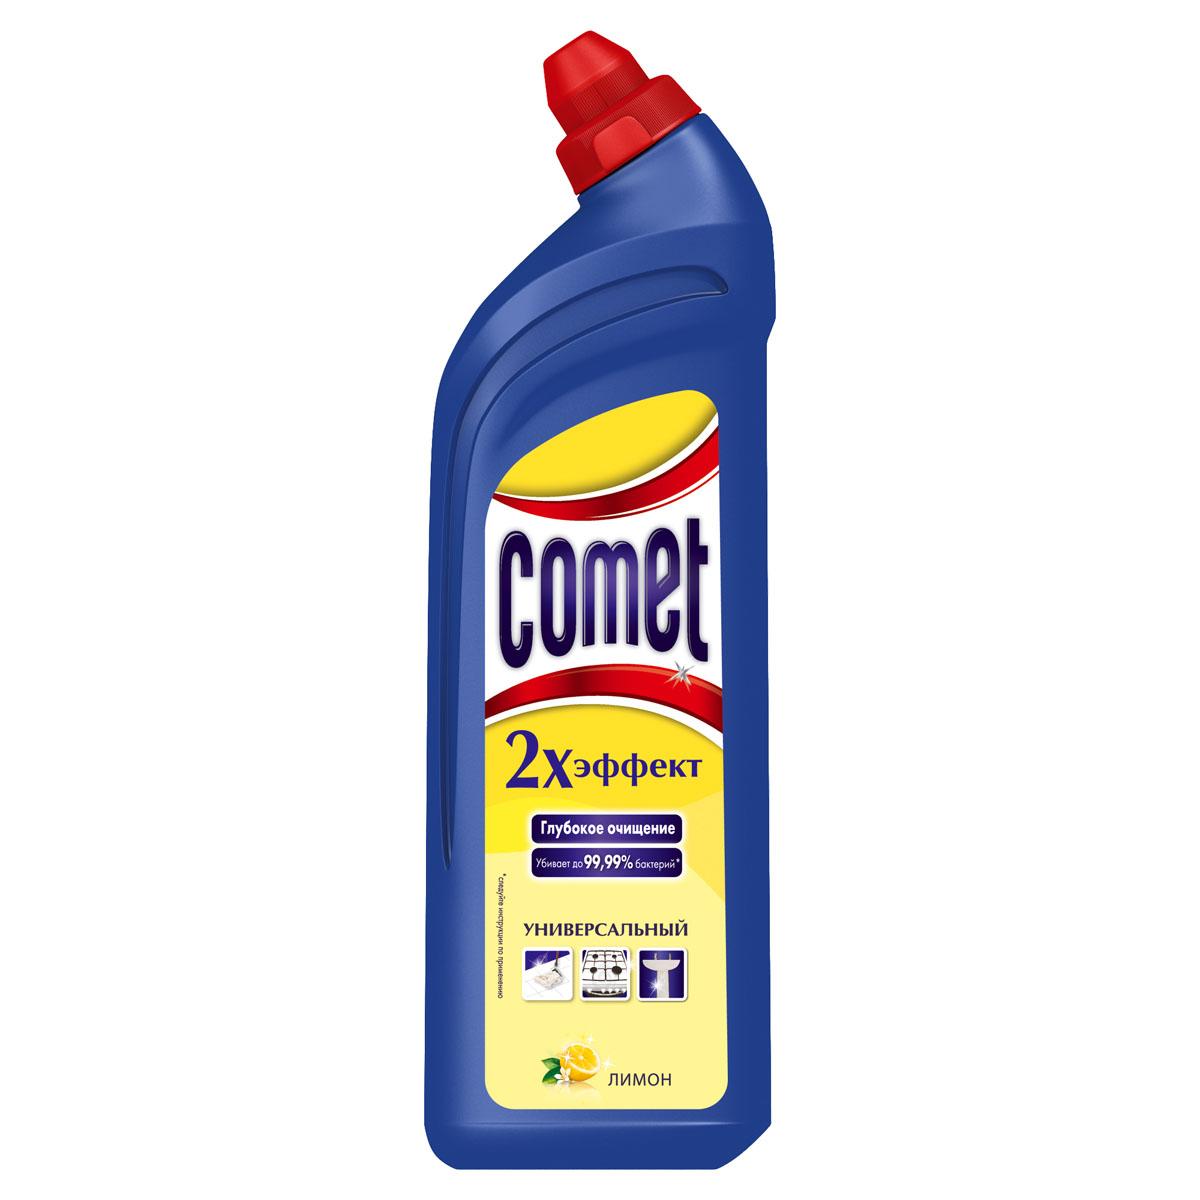 Универсальный чистящий гель Comet Двойной эффект, с ароматом лимона, 1 лCG-80227825Универсальный чистящий гель Comet Двойной эффект предназначен для глубокого очищения поверхностей. Эффективно удаляет повседневные загрязнения и обычный жир во всем доме, а также дезинфицирует поверхности. Средство подходит для плит (в том числе стеклокерамических), ванн, раковин, унитазов, кафеля, мытья полов. Обладает приятным ароматом лимона. Характеристики:Состав: Объем: 1 л. Товар сертифицирован.